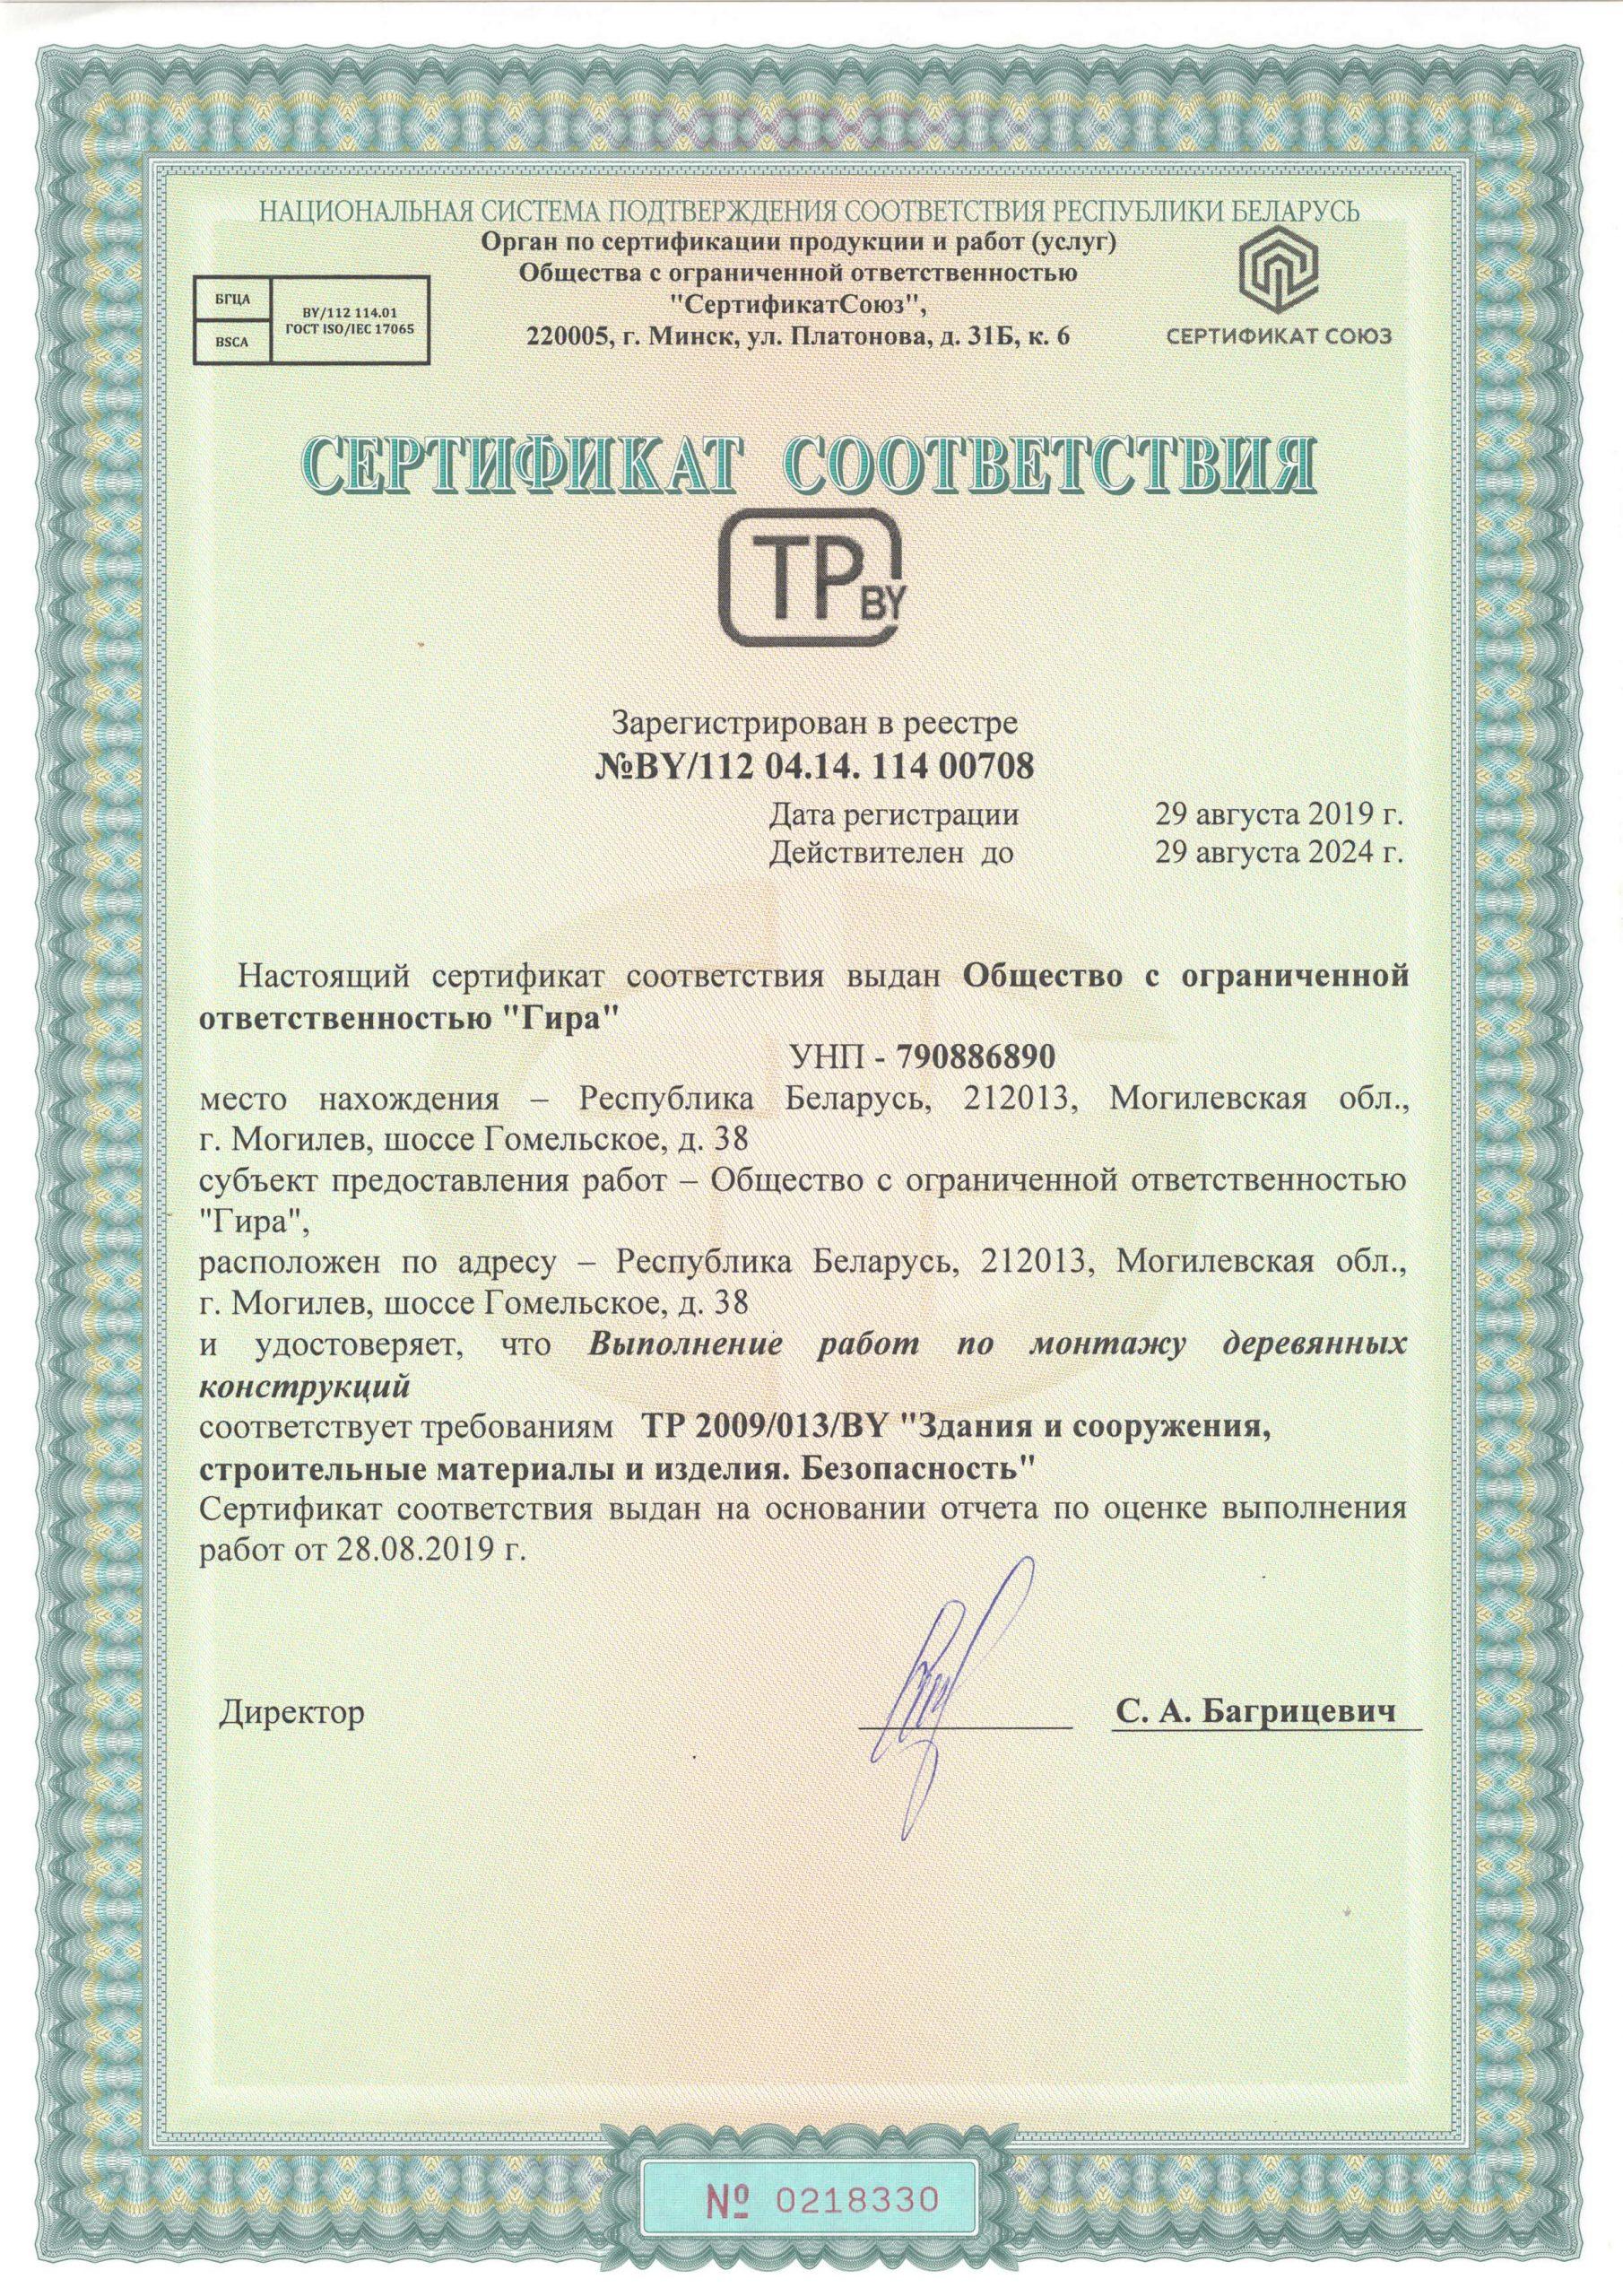 Сертификат соответствия 0218330